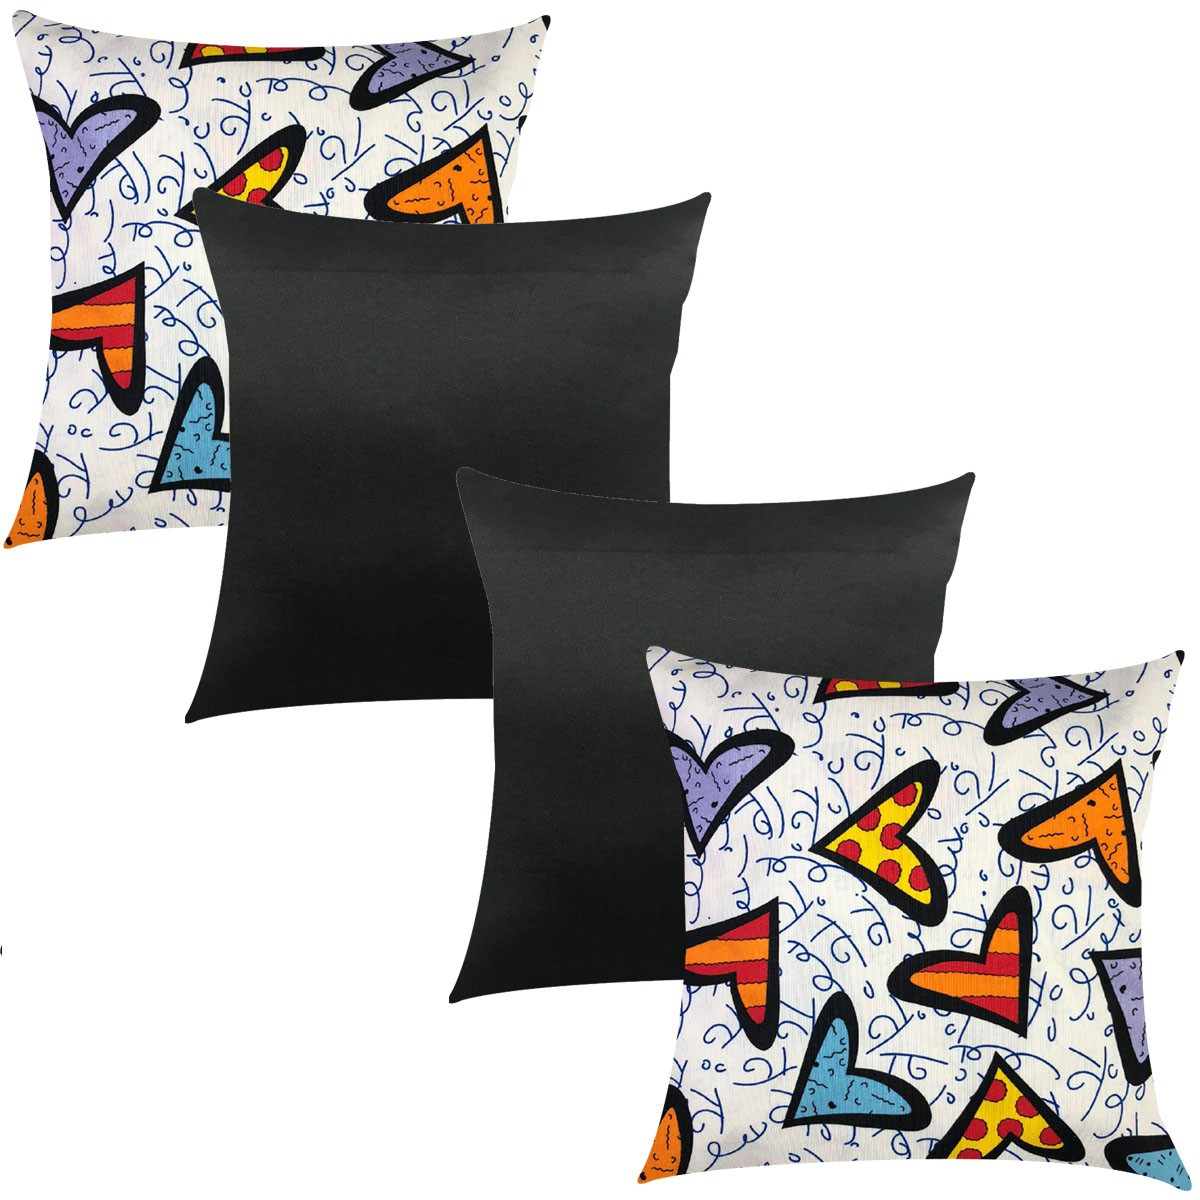 Kit 4 Capas de Almofadas Composê Coração e Preto Liso 45cmx45cm